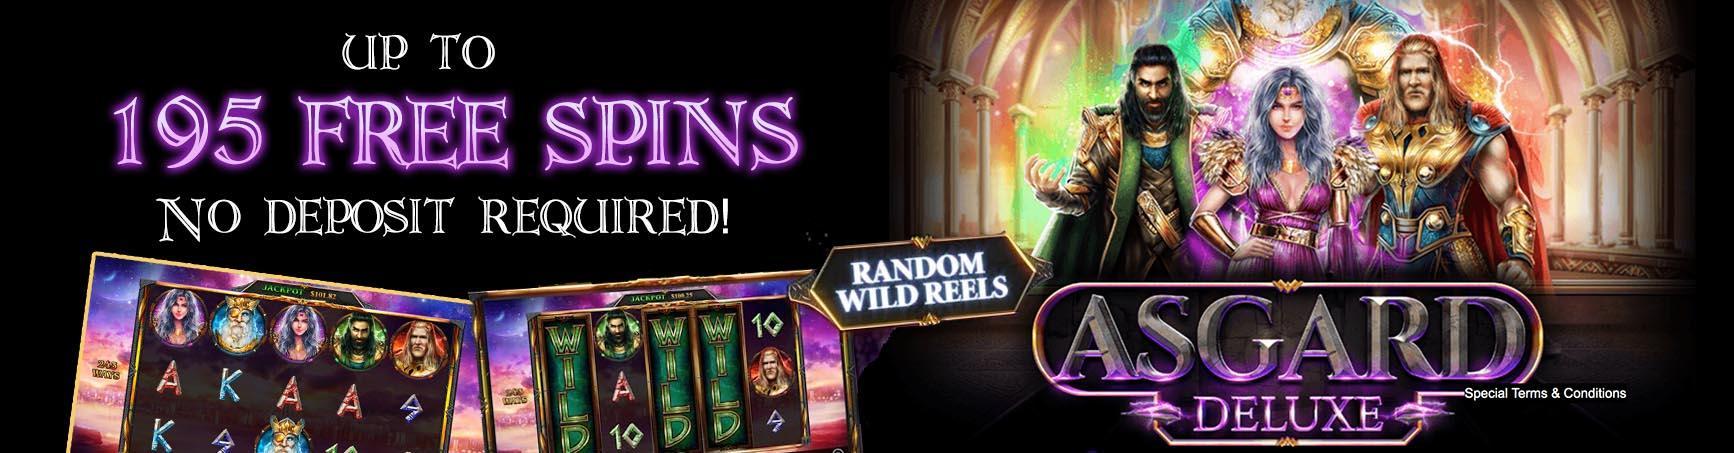 olg casino revenue Casino